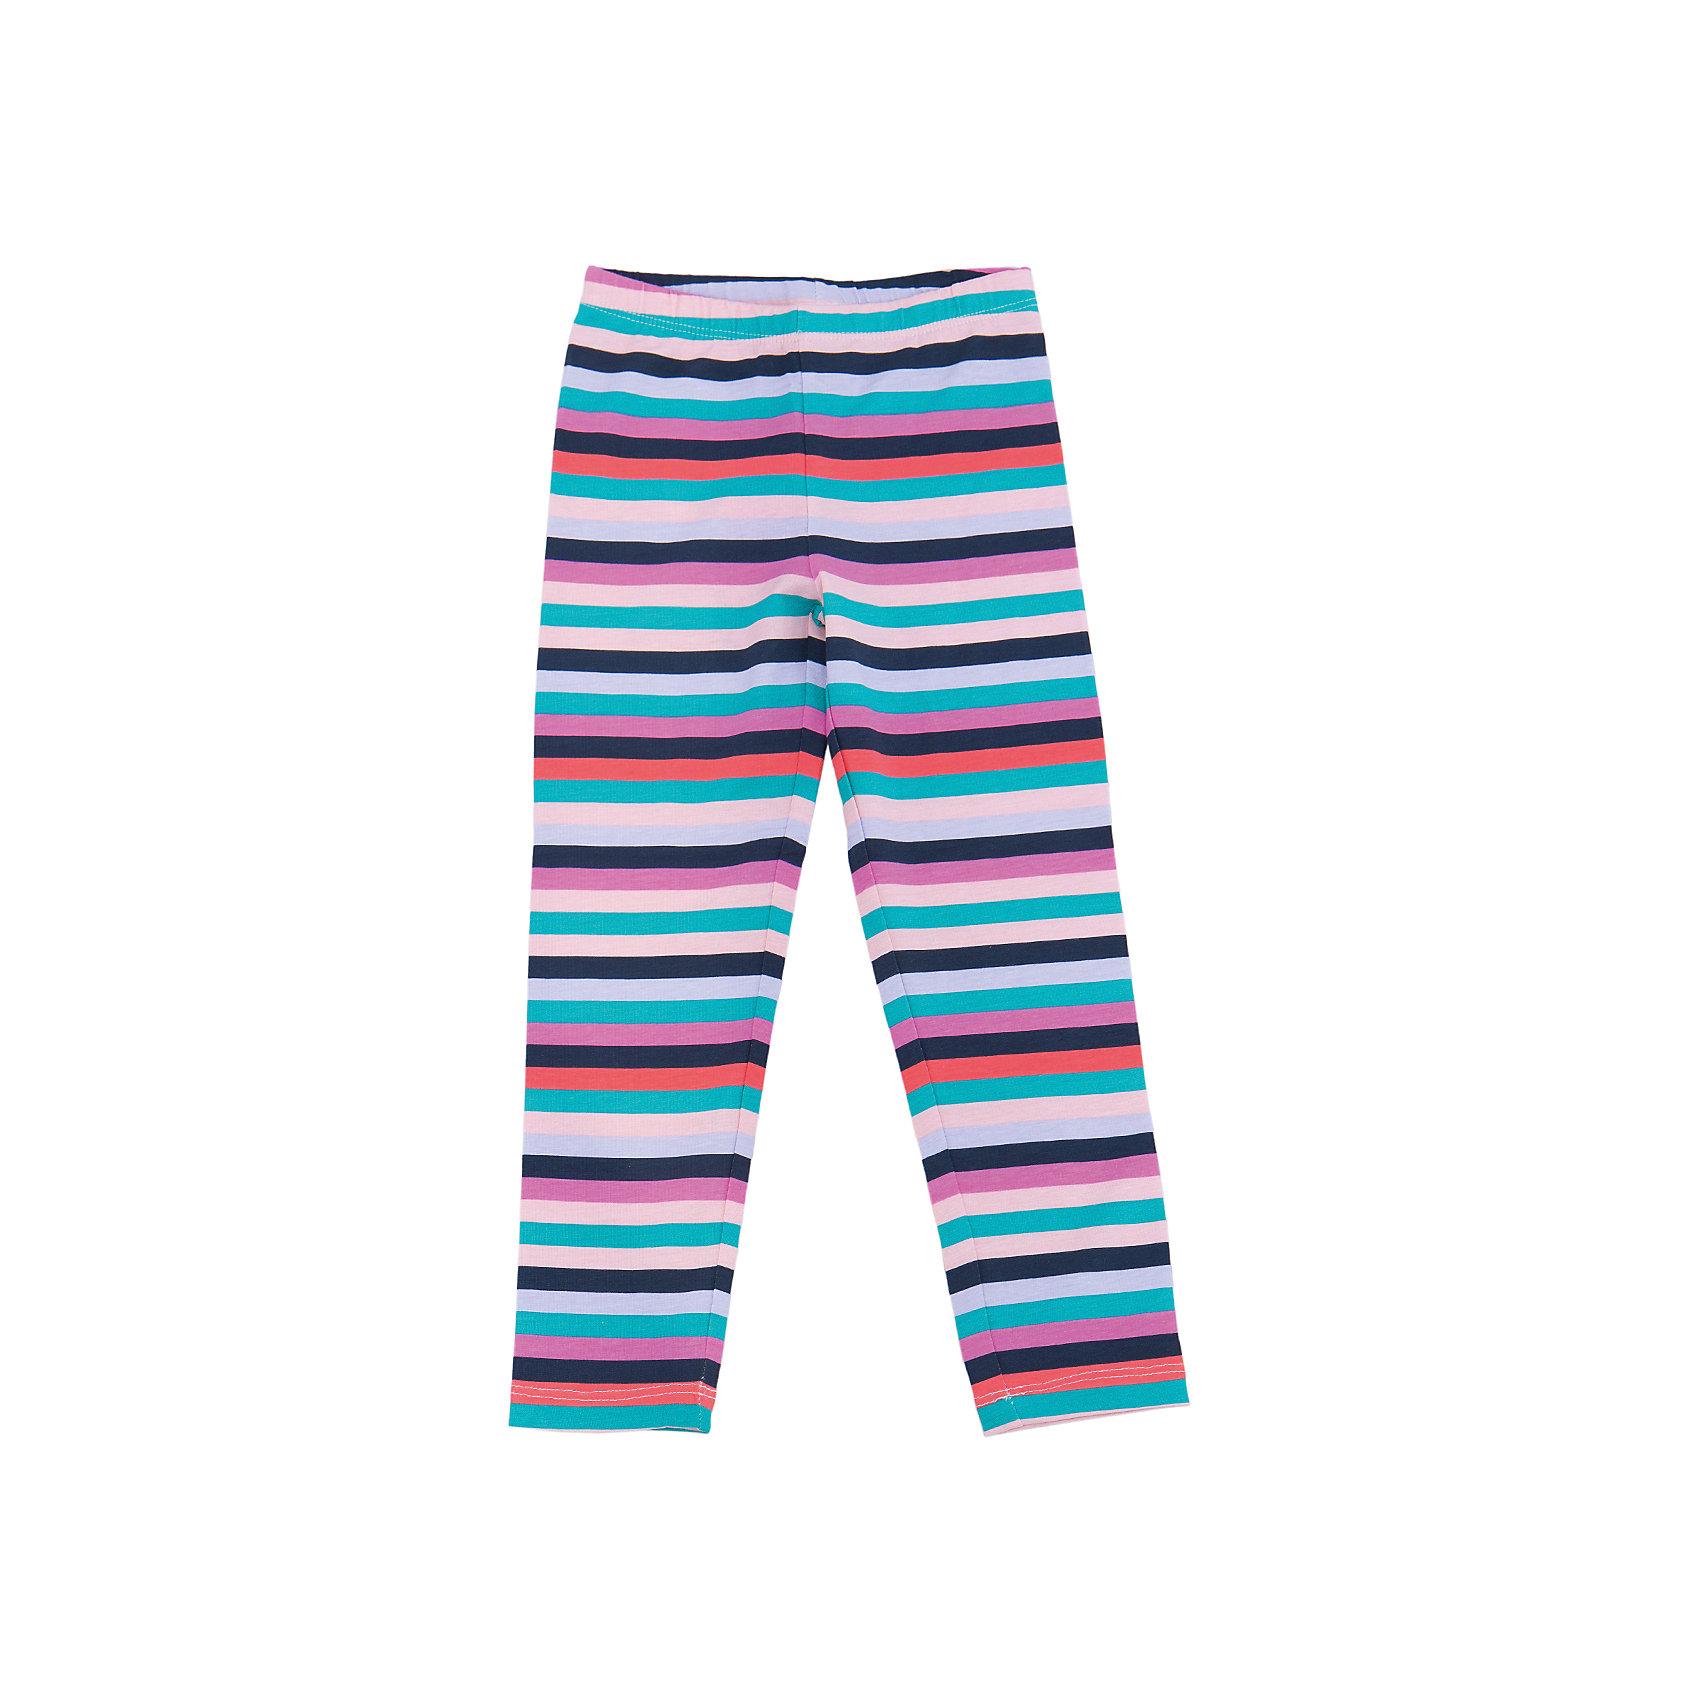 Леггинсы для девочки SELAЛеггинсы<br>Леггинсы - незаменимая вещь в детском гардеробе. Эта модель отлично сидит на ребенке, она сшита из приятного на ощупь материала, натуральный хлопок не вызывает аллергии и обеспечивает ребенку комфорт. Модель станет отличной базовой вещью, которая будет уместна в различных сочетаниях.<br>Одежда от бренда Sela (Села) - это качество по приемлемым ценам. Многие российские родители уже оценили преимущества продукции этой компании и всё чаще приобретают одежду и аксессуары Sela.<br><br>Дополнительная информация:<br><br>материал: хлопок 95%, эластан 5%;<br>эластичный материал;<br>резинка на поясе.<br><br>Леггинсы для девочки от бренда Sela можно купить в нашем интернет-магазине.<br><br>Ширина мм: 215<br>Глубина мм: 88<br>Высота мм: 191<br>Вес г: 336<br>Цвет: розовый<br>Возраст от месяцев: 60<br>Возраст до месяцев: 72<br>Пол: Женский<br>Возраст: Детский<br>Размер: 98,104,116,110,92<br>SKU: 5008099